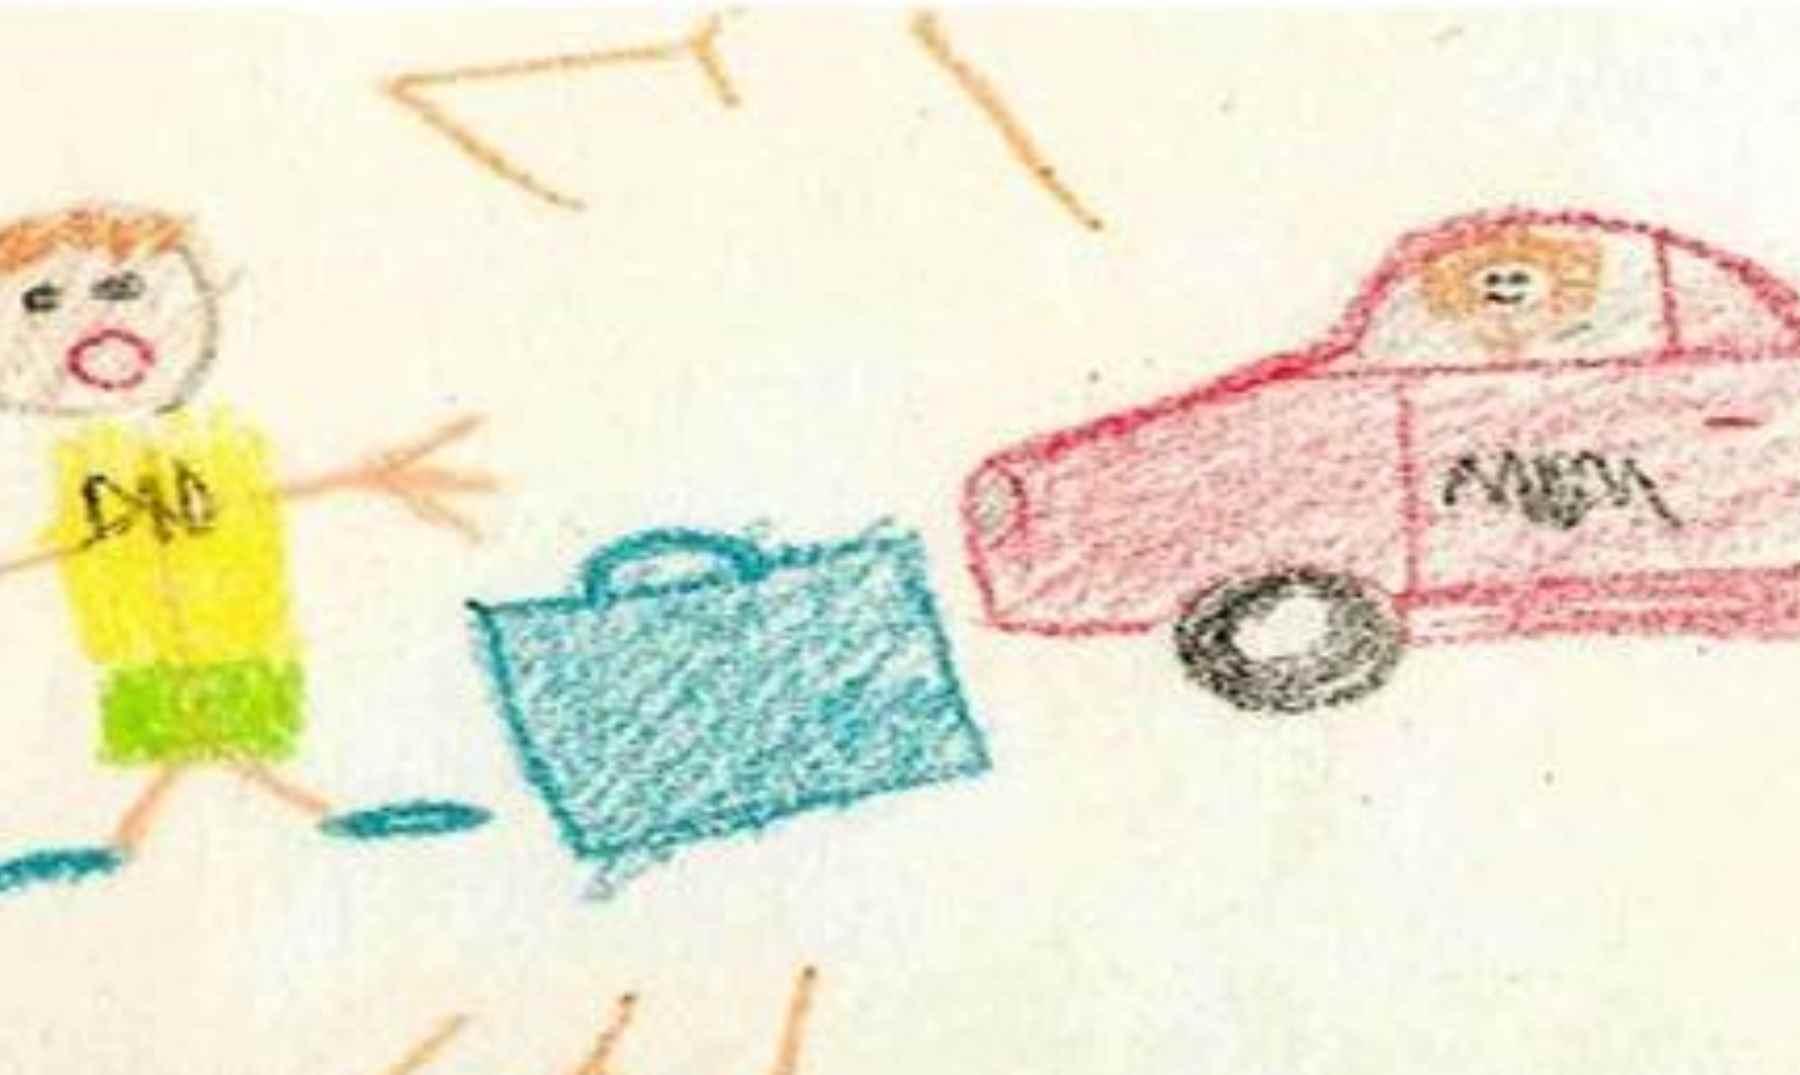 Dibujos De Navidad Hechos Por Ninos.Dibujos Terrorificos Hechos Por Ninos